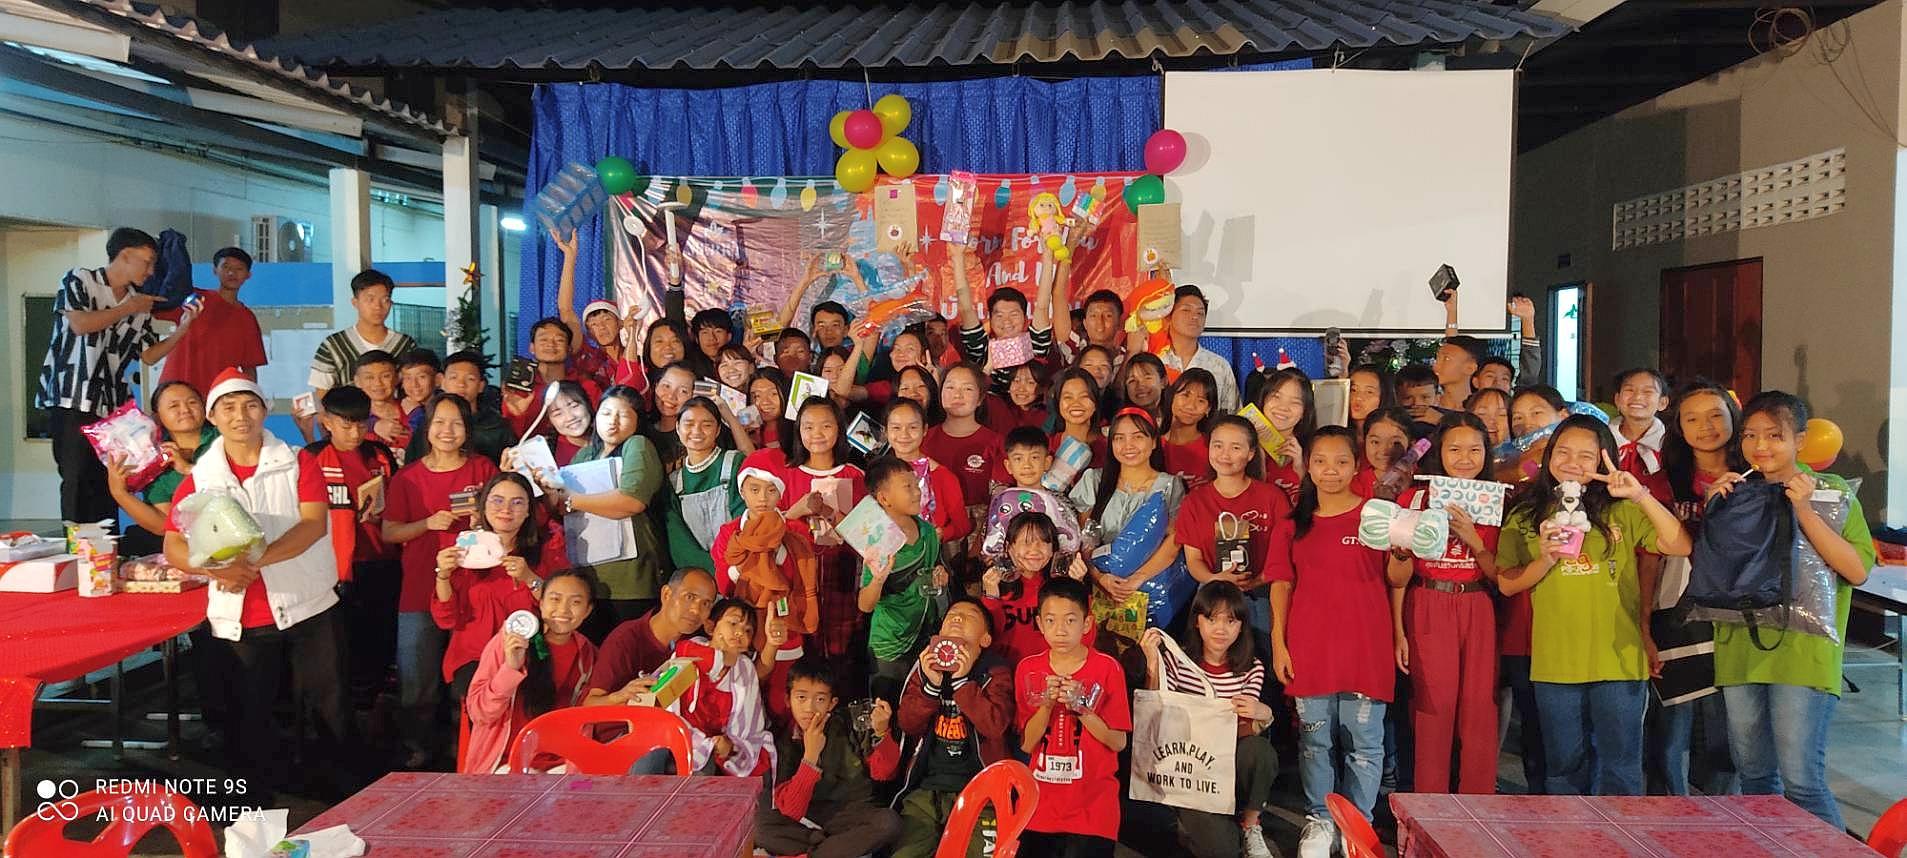 12月20日舉行聖誕慶祝會